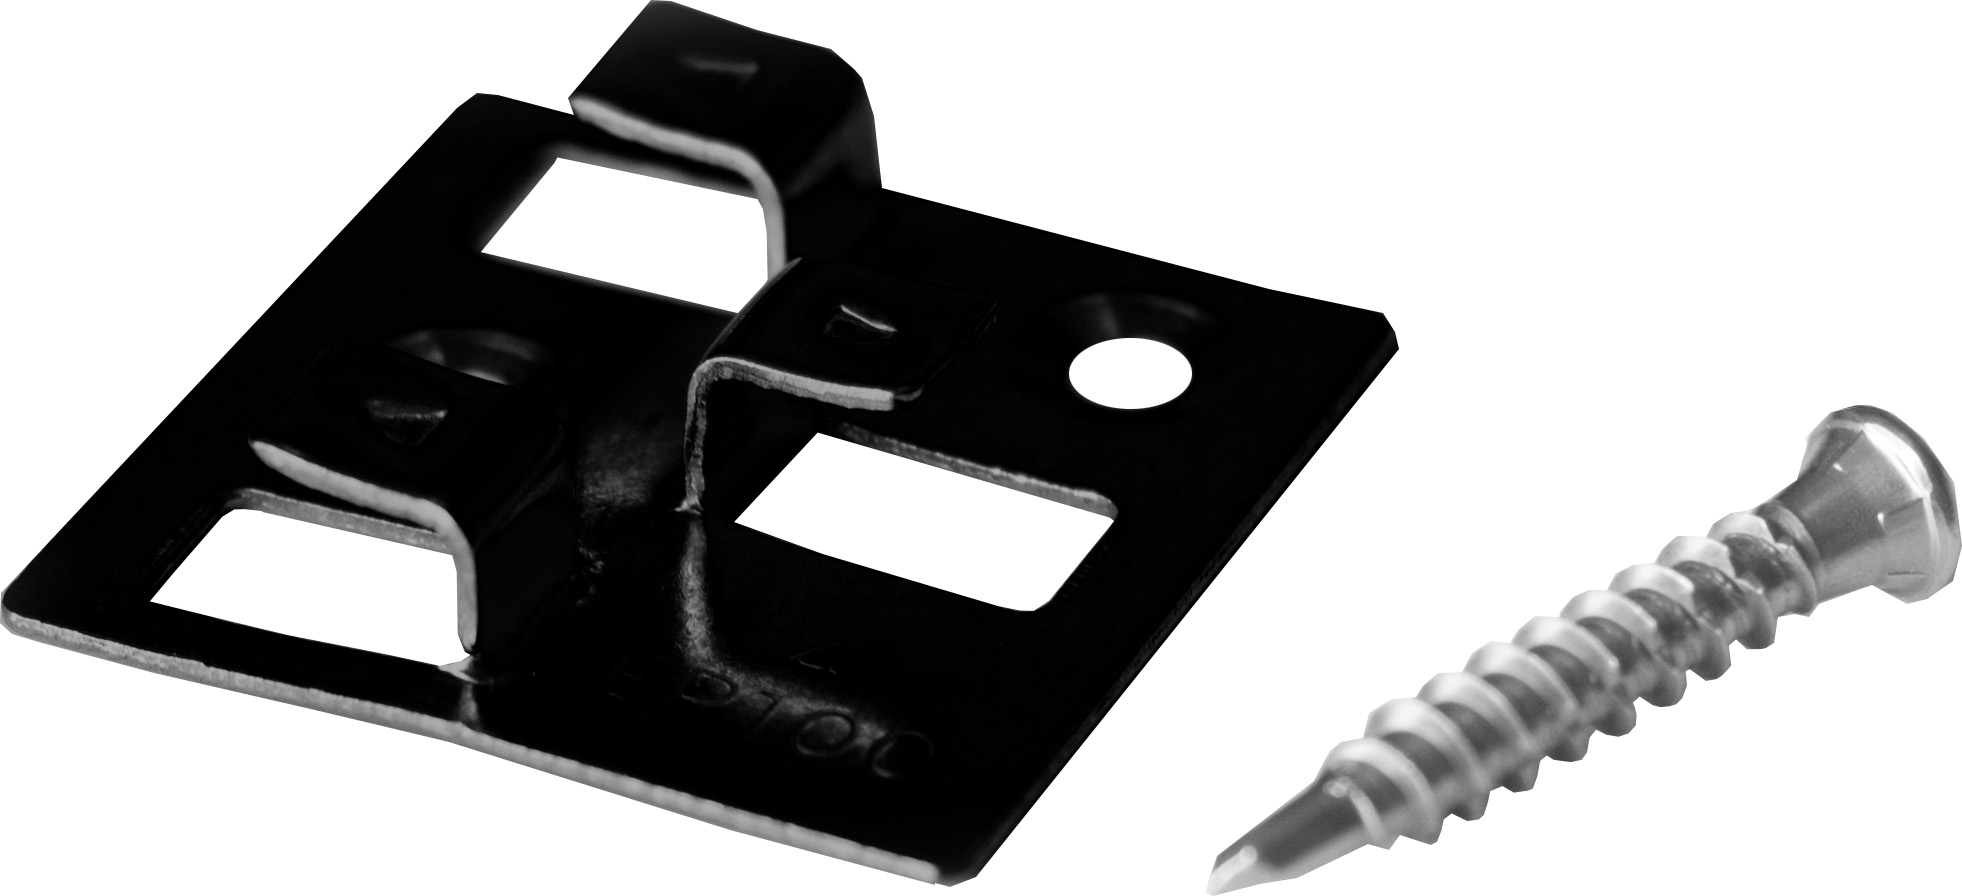 100 WPC Montage Clips mit 4 mm Fuge aus Edelstahl von MEFO, schwarz, inkl. selbstbohrenden Schrauben, Montagematerial reicht für ca. 35 lfm bzw. 5 m²